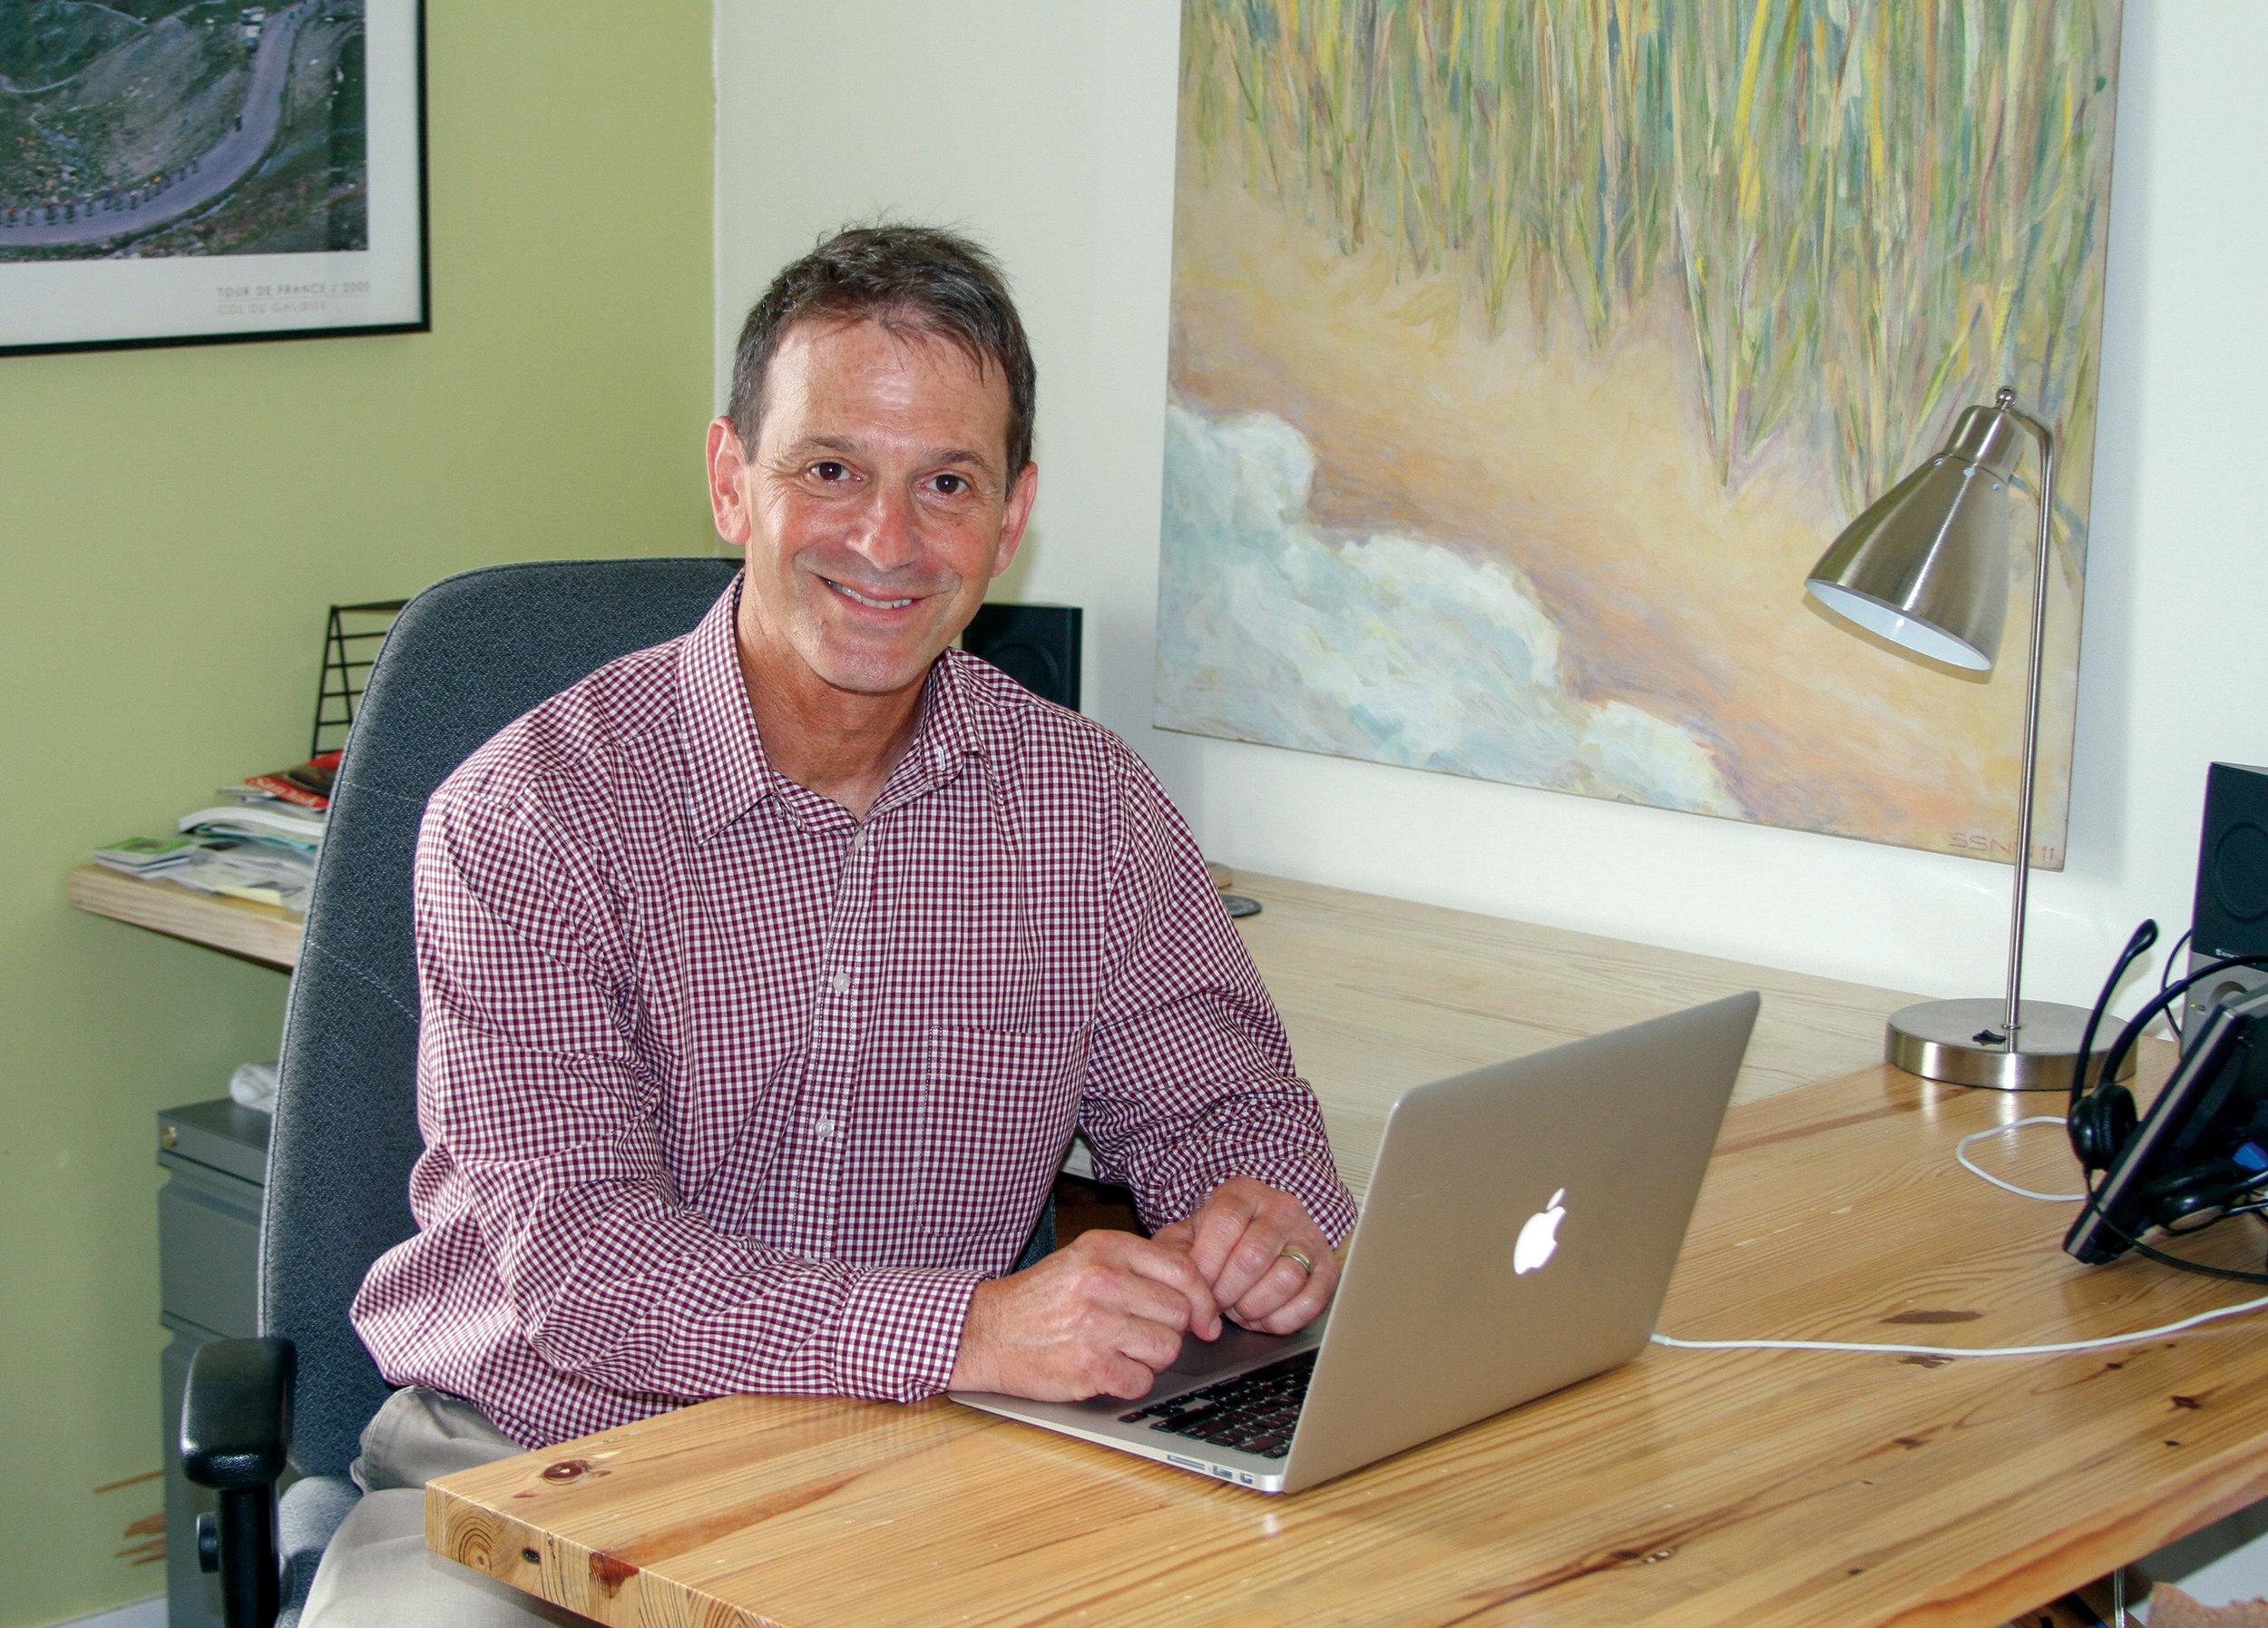 Michael Garfield, the EC's director